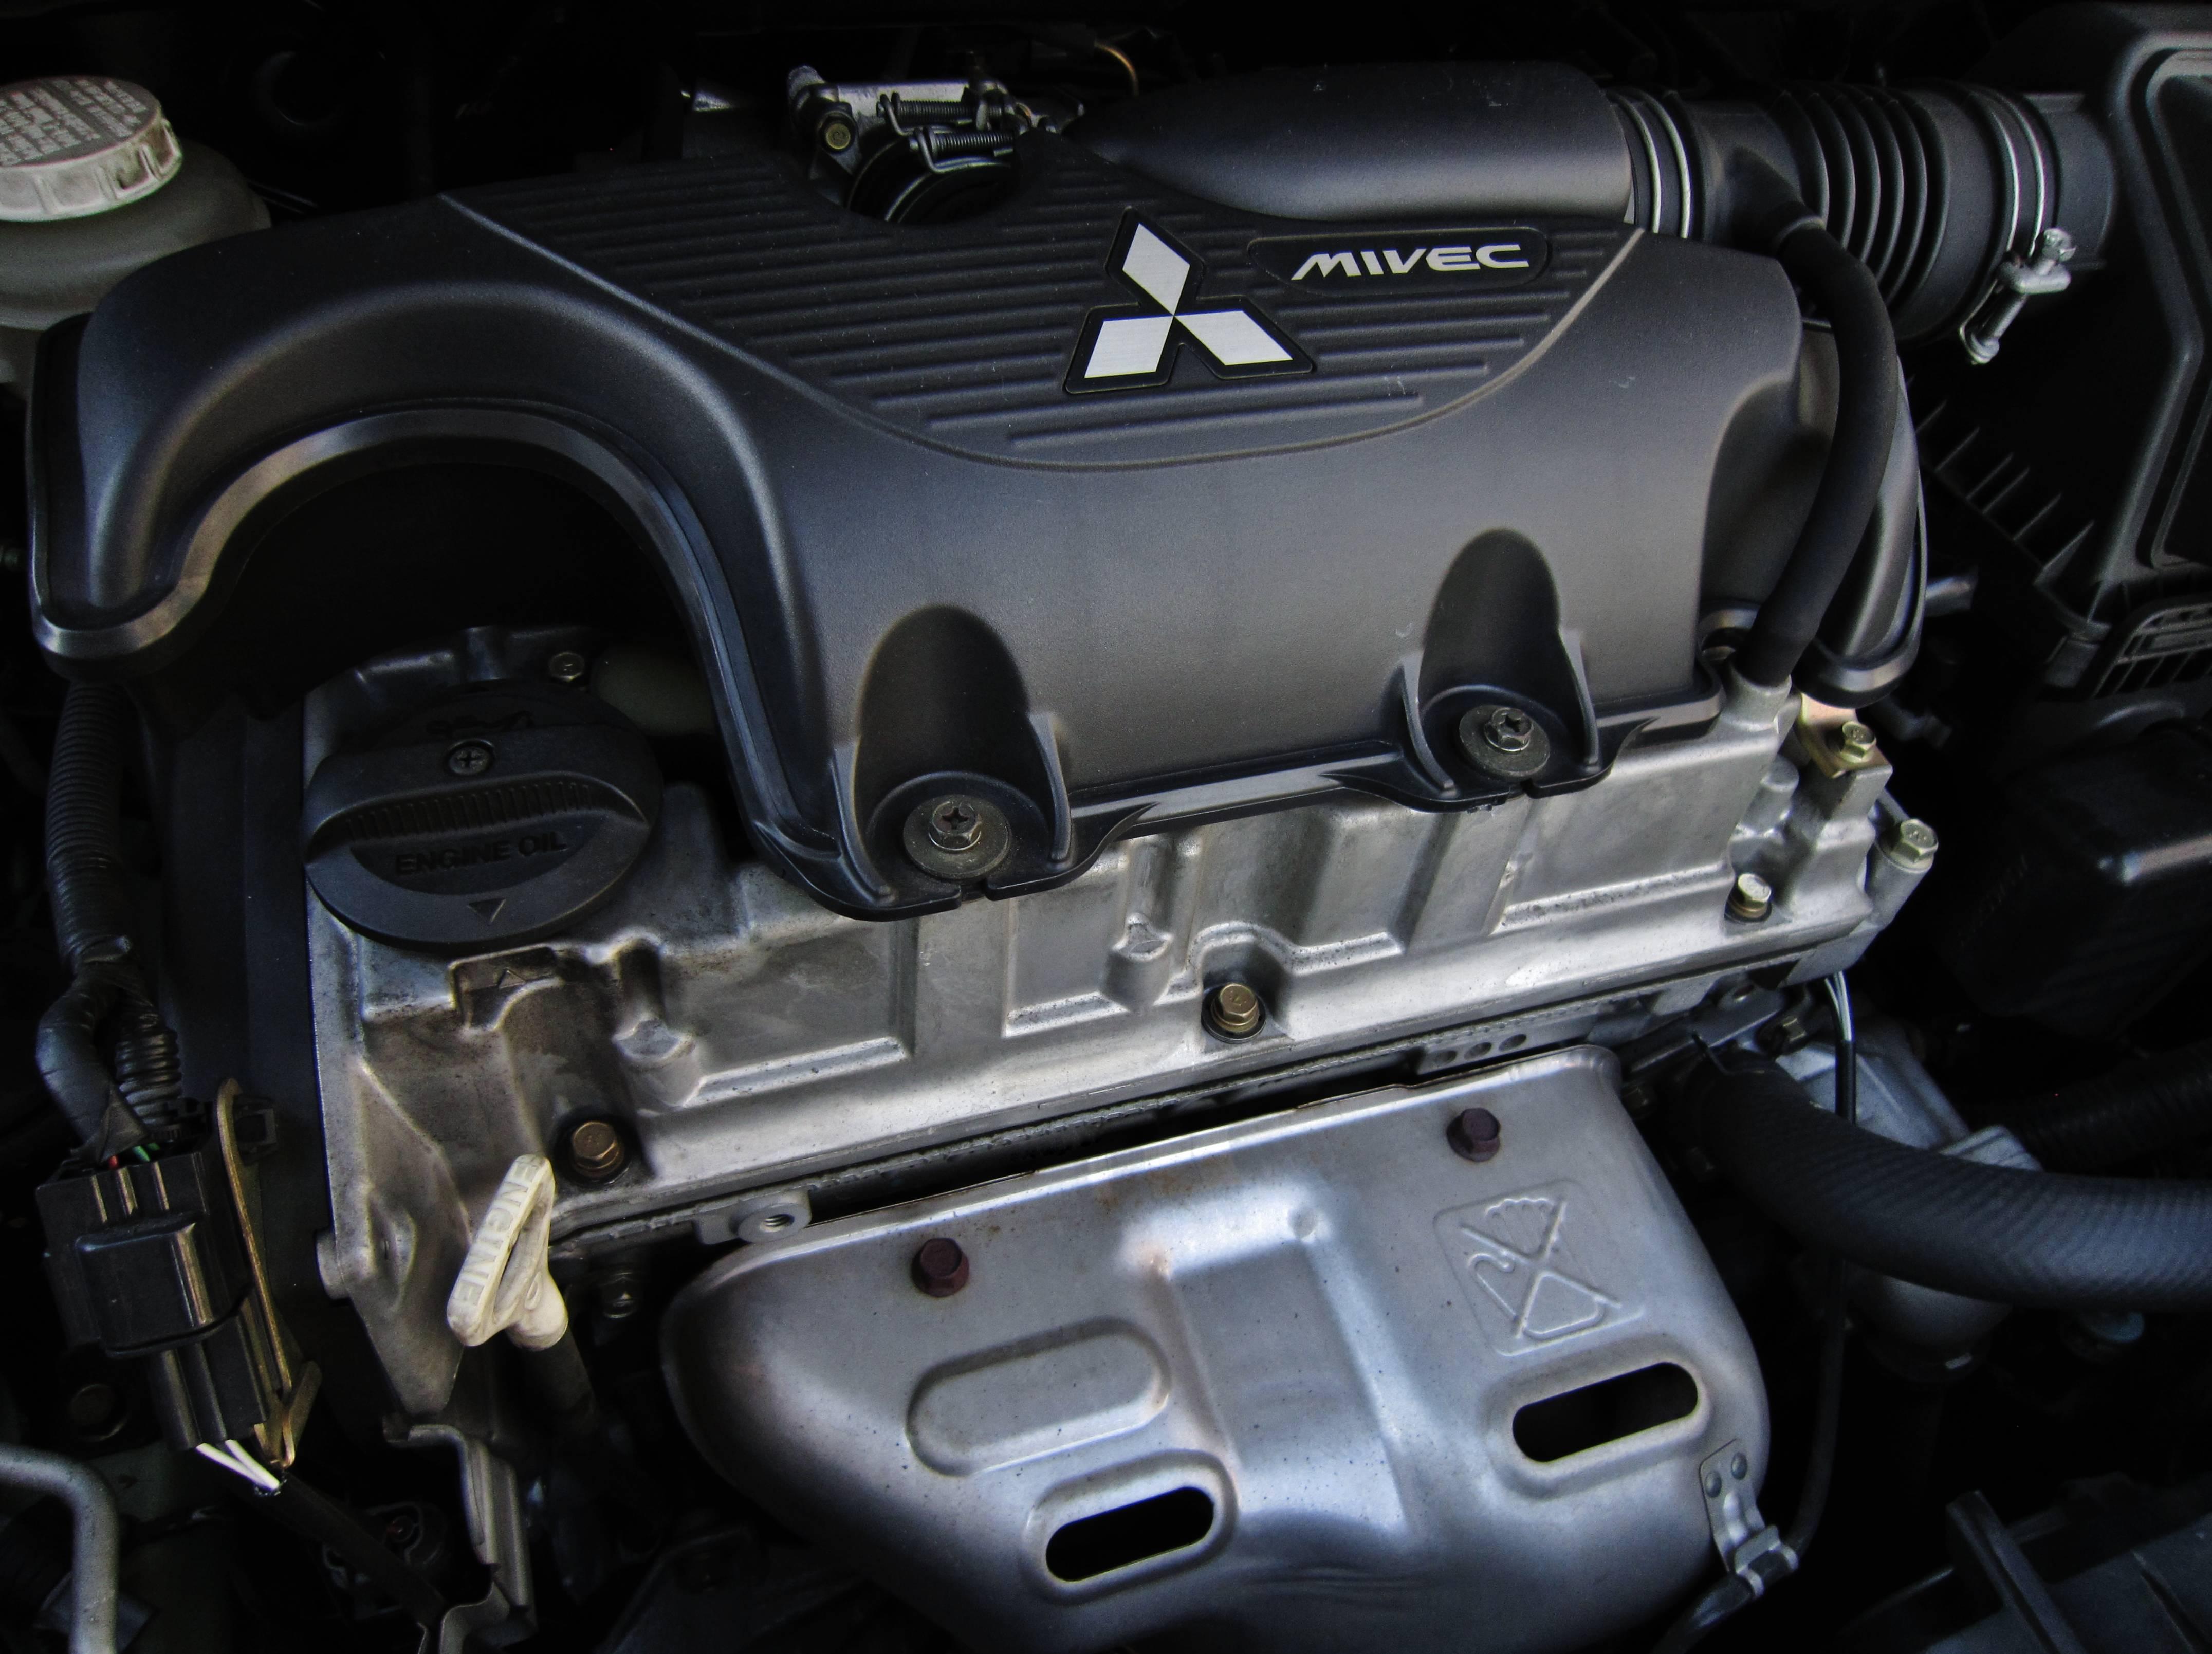 Mitsubishi Colt G Engine